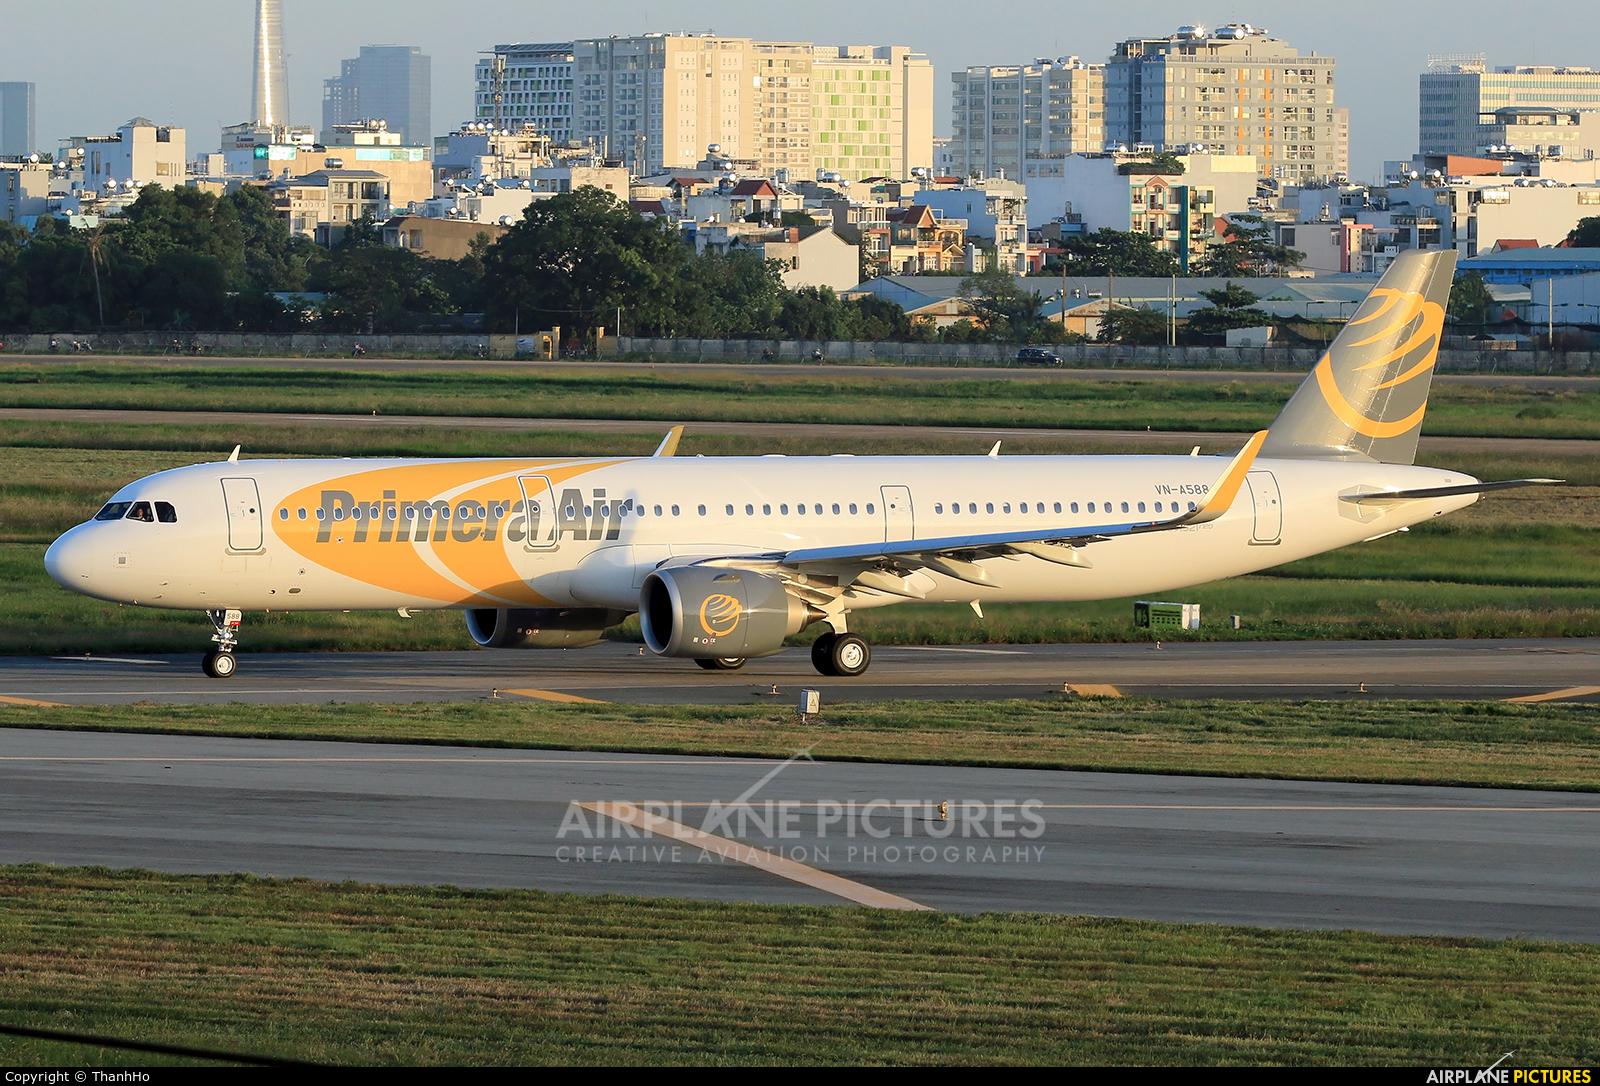 Bamboo Airways VN-A588 aircraft at Ho Chi Minh City - Tan Son Nhat Intl